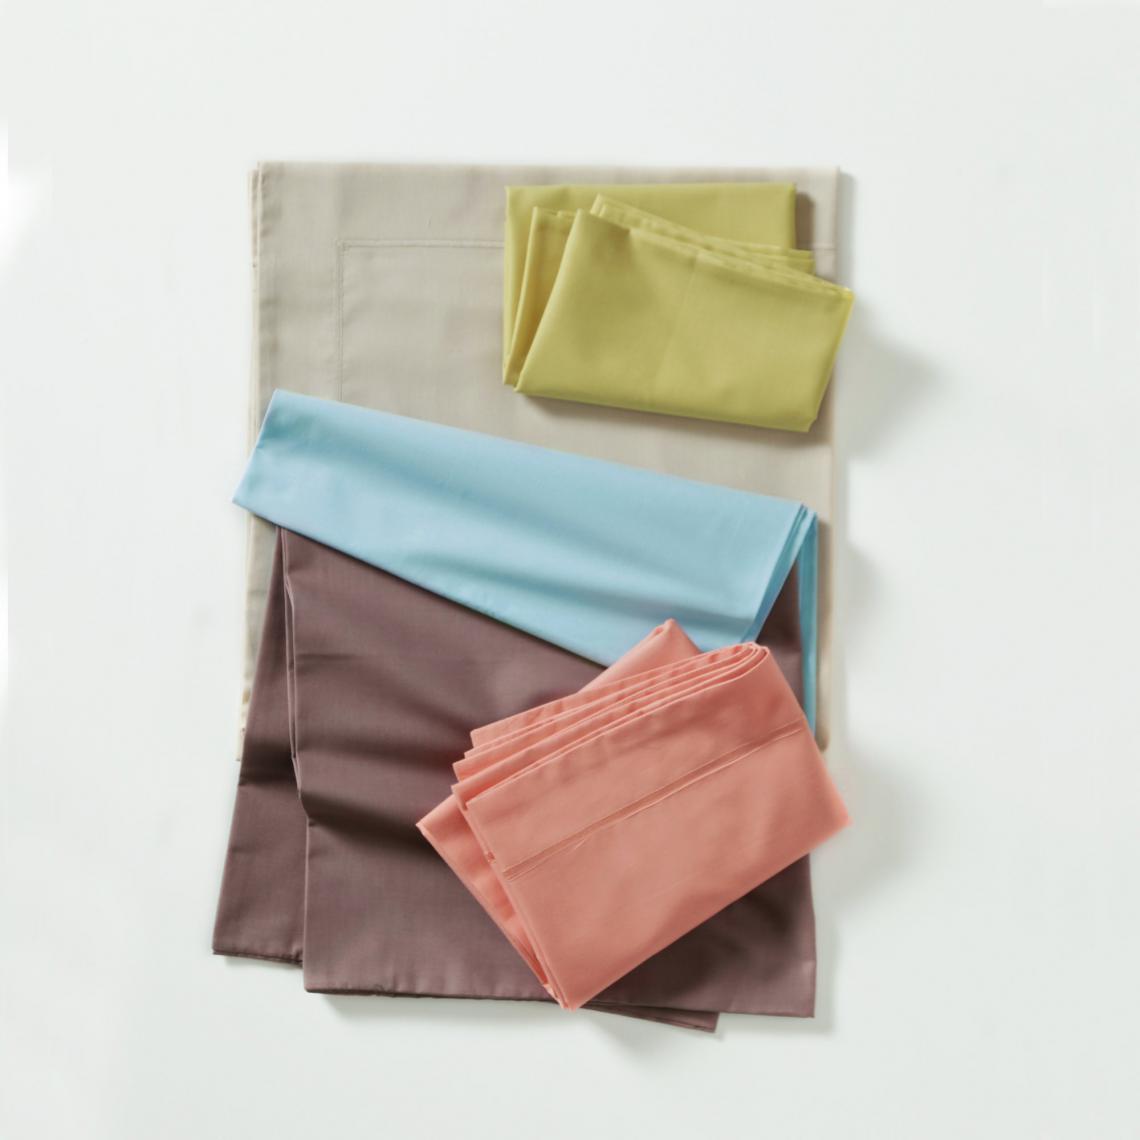 Drap housse spécial sommier articulé, coton traité antibactérien